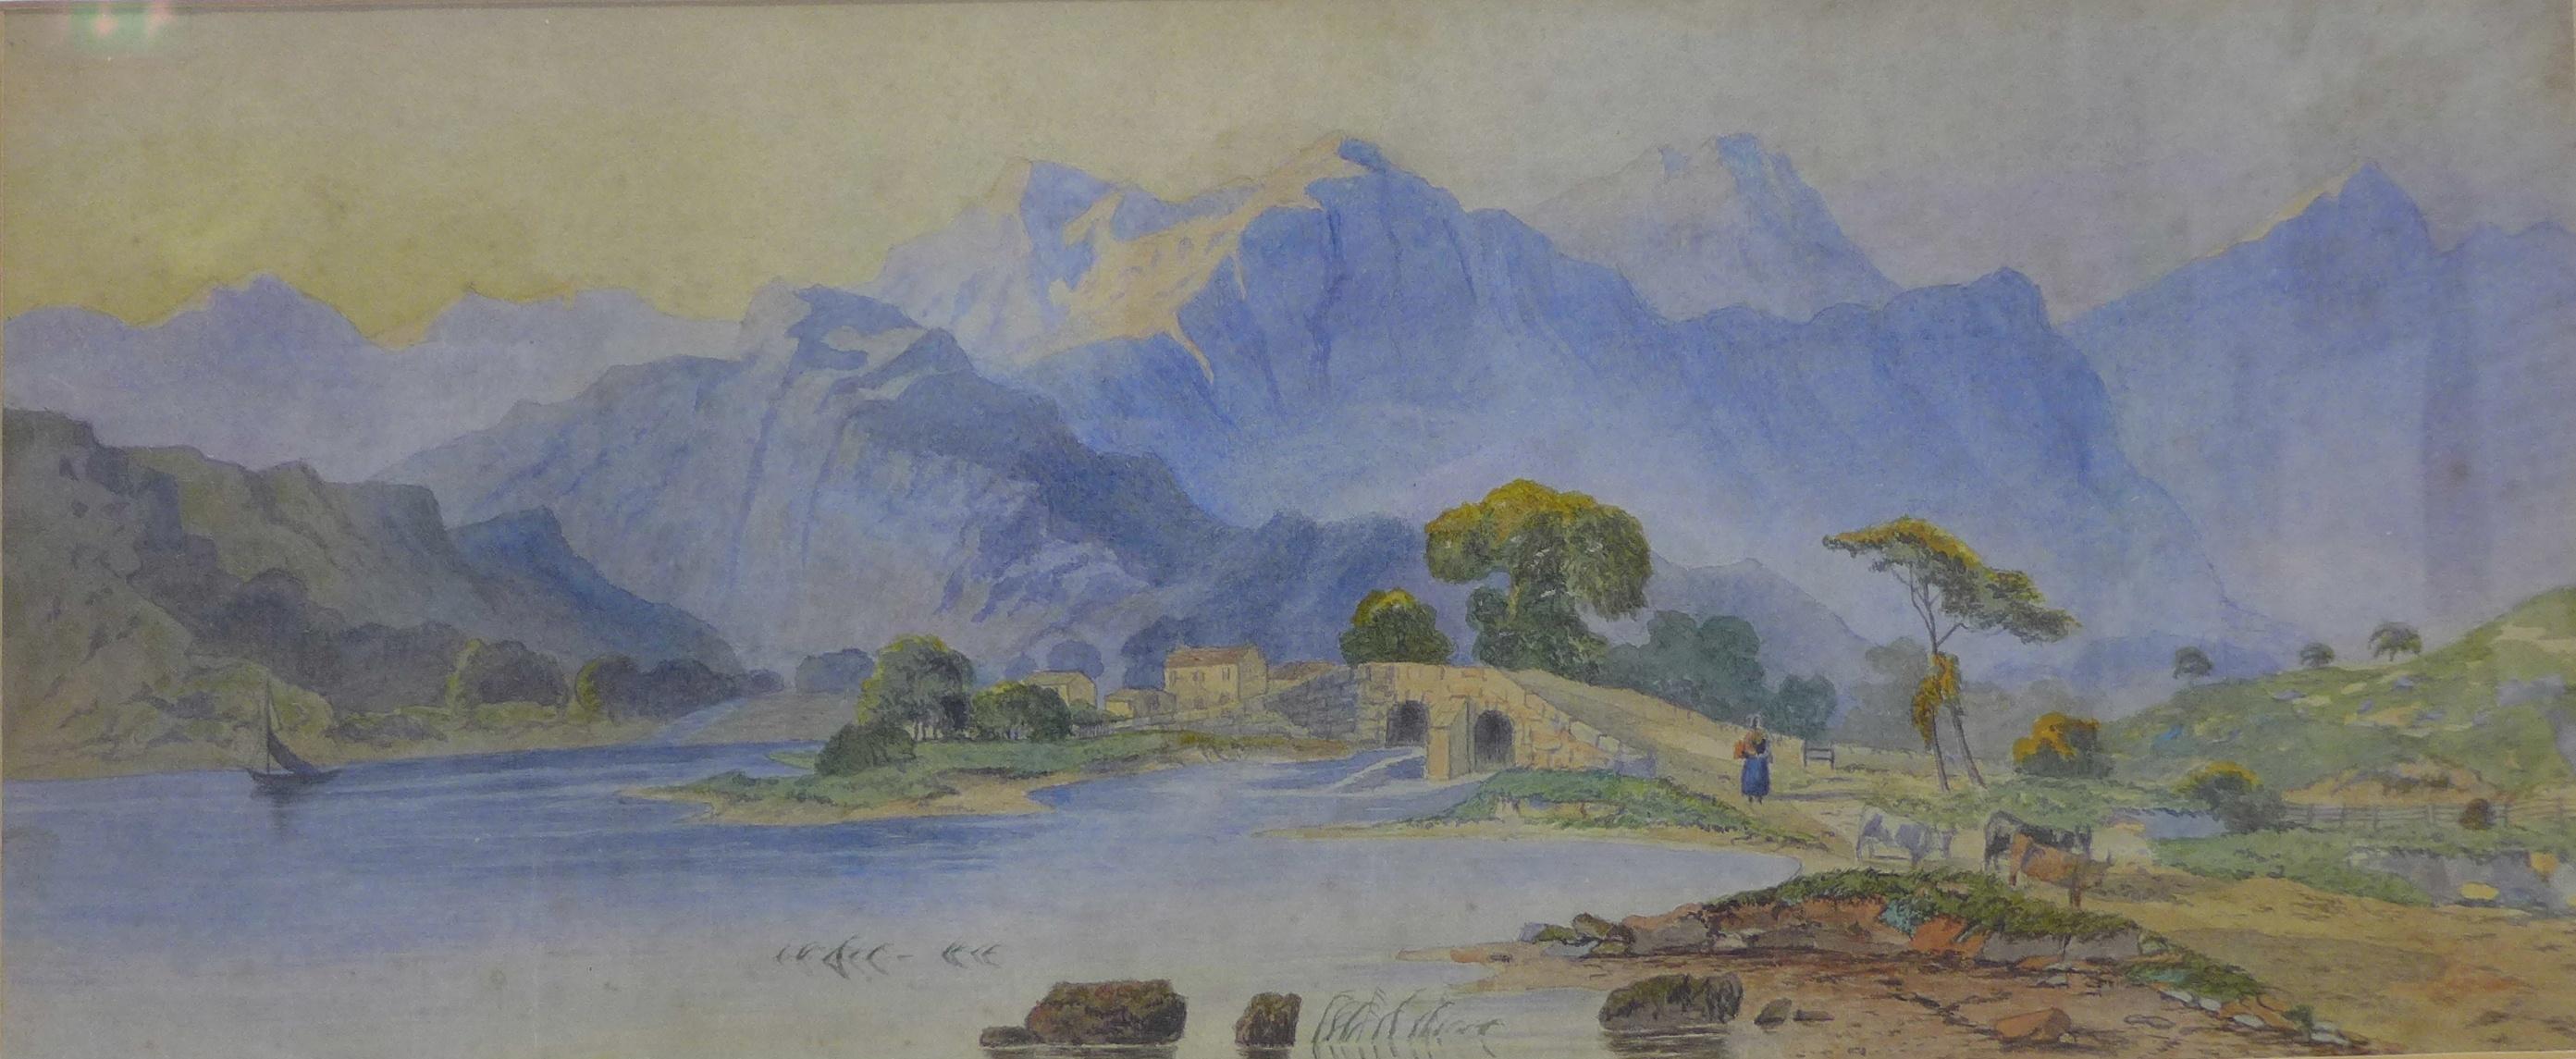 Lot 12 - Continental School, Alpine landscape, watercolour, 18 x 44cms,